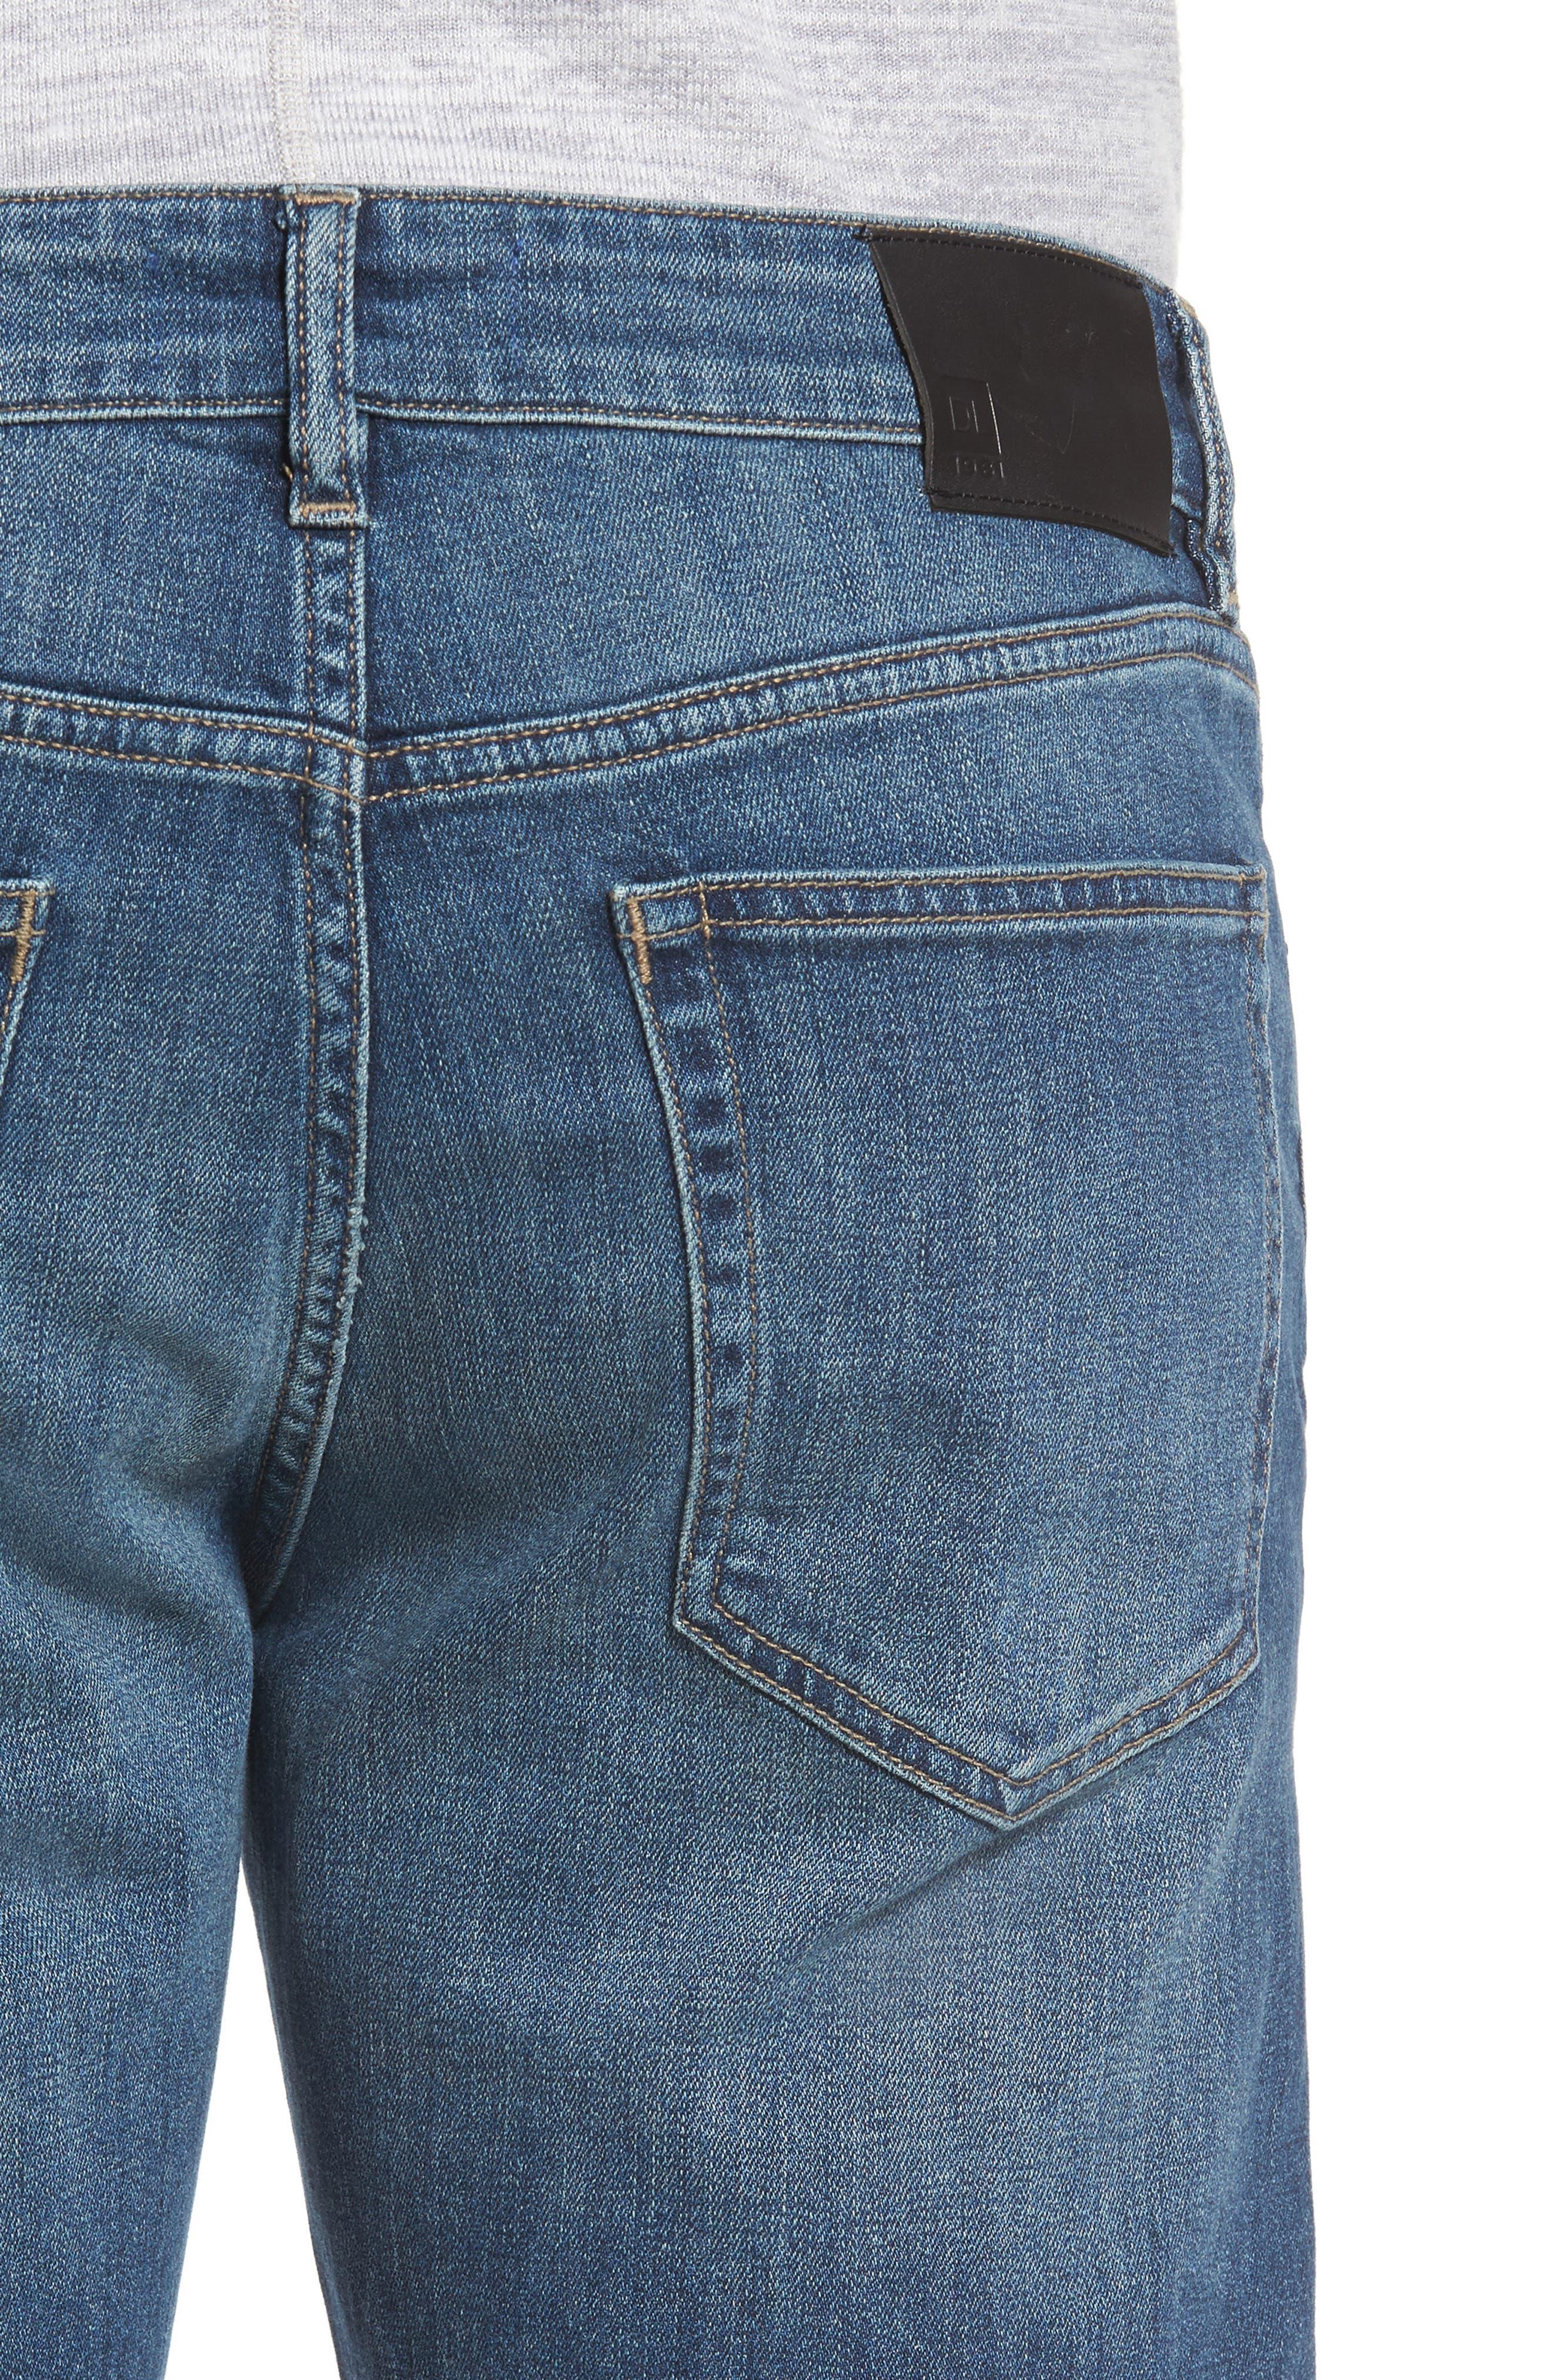 Avery Slim Straight Leg Jeans,                             Alternate thumbnail 4, color,